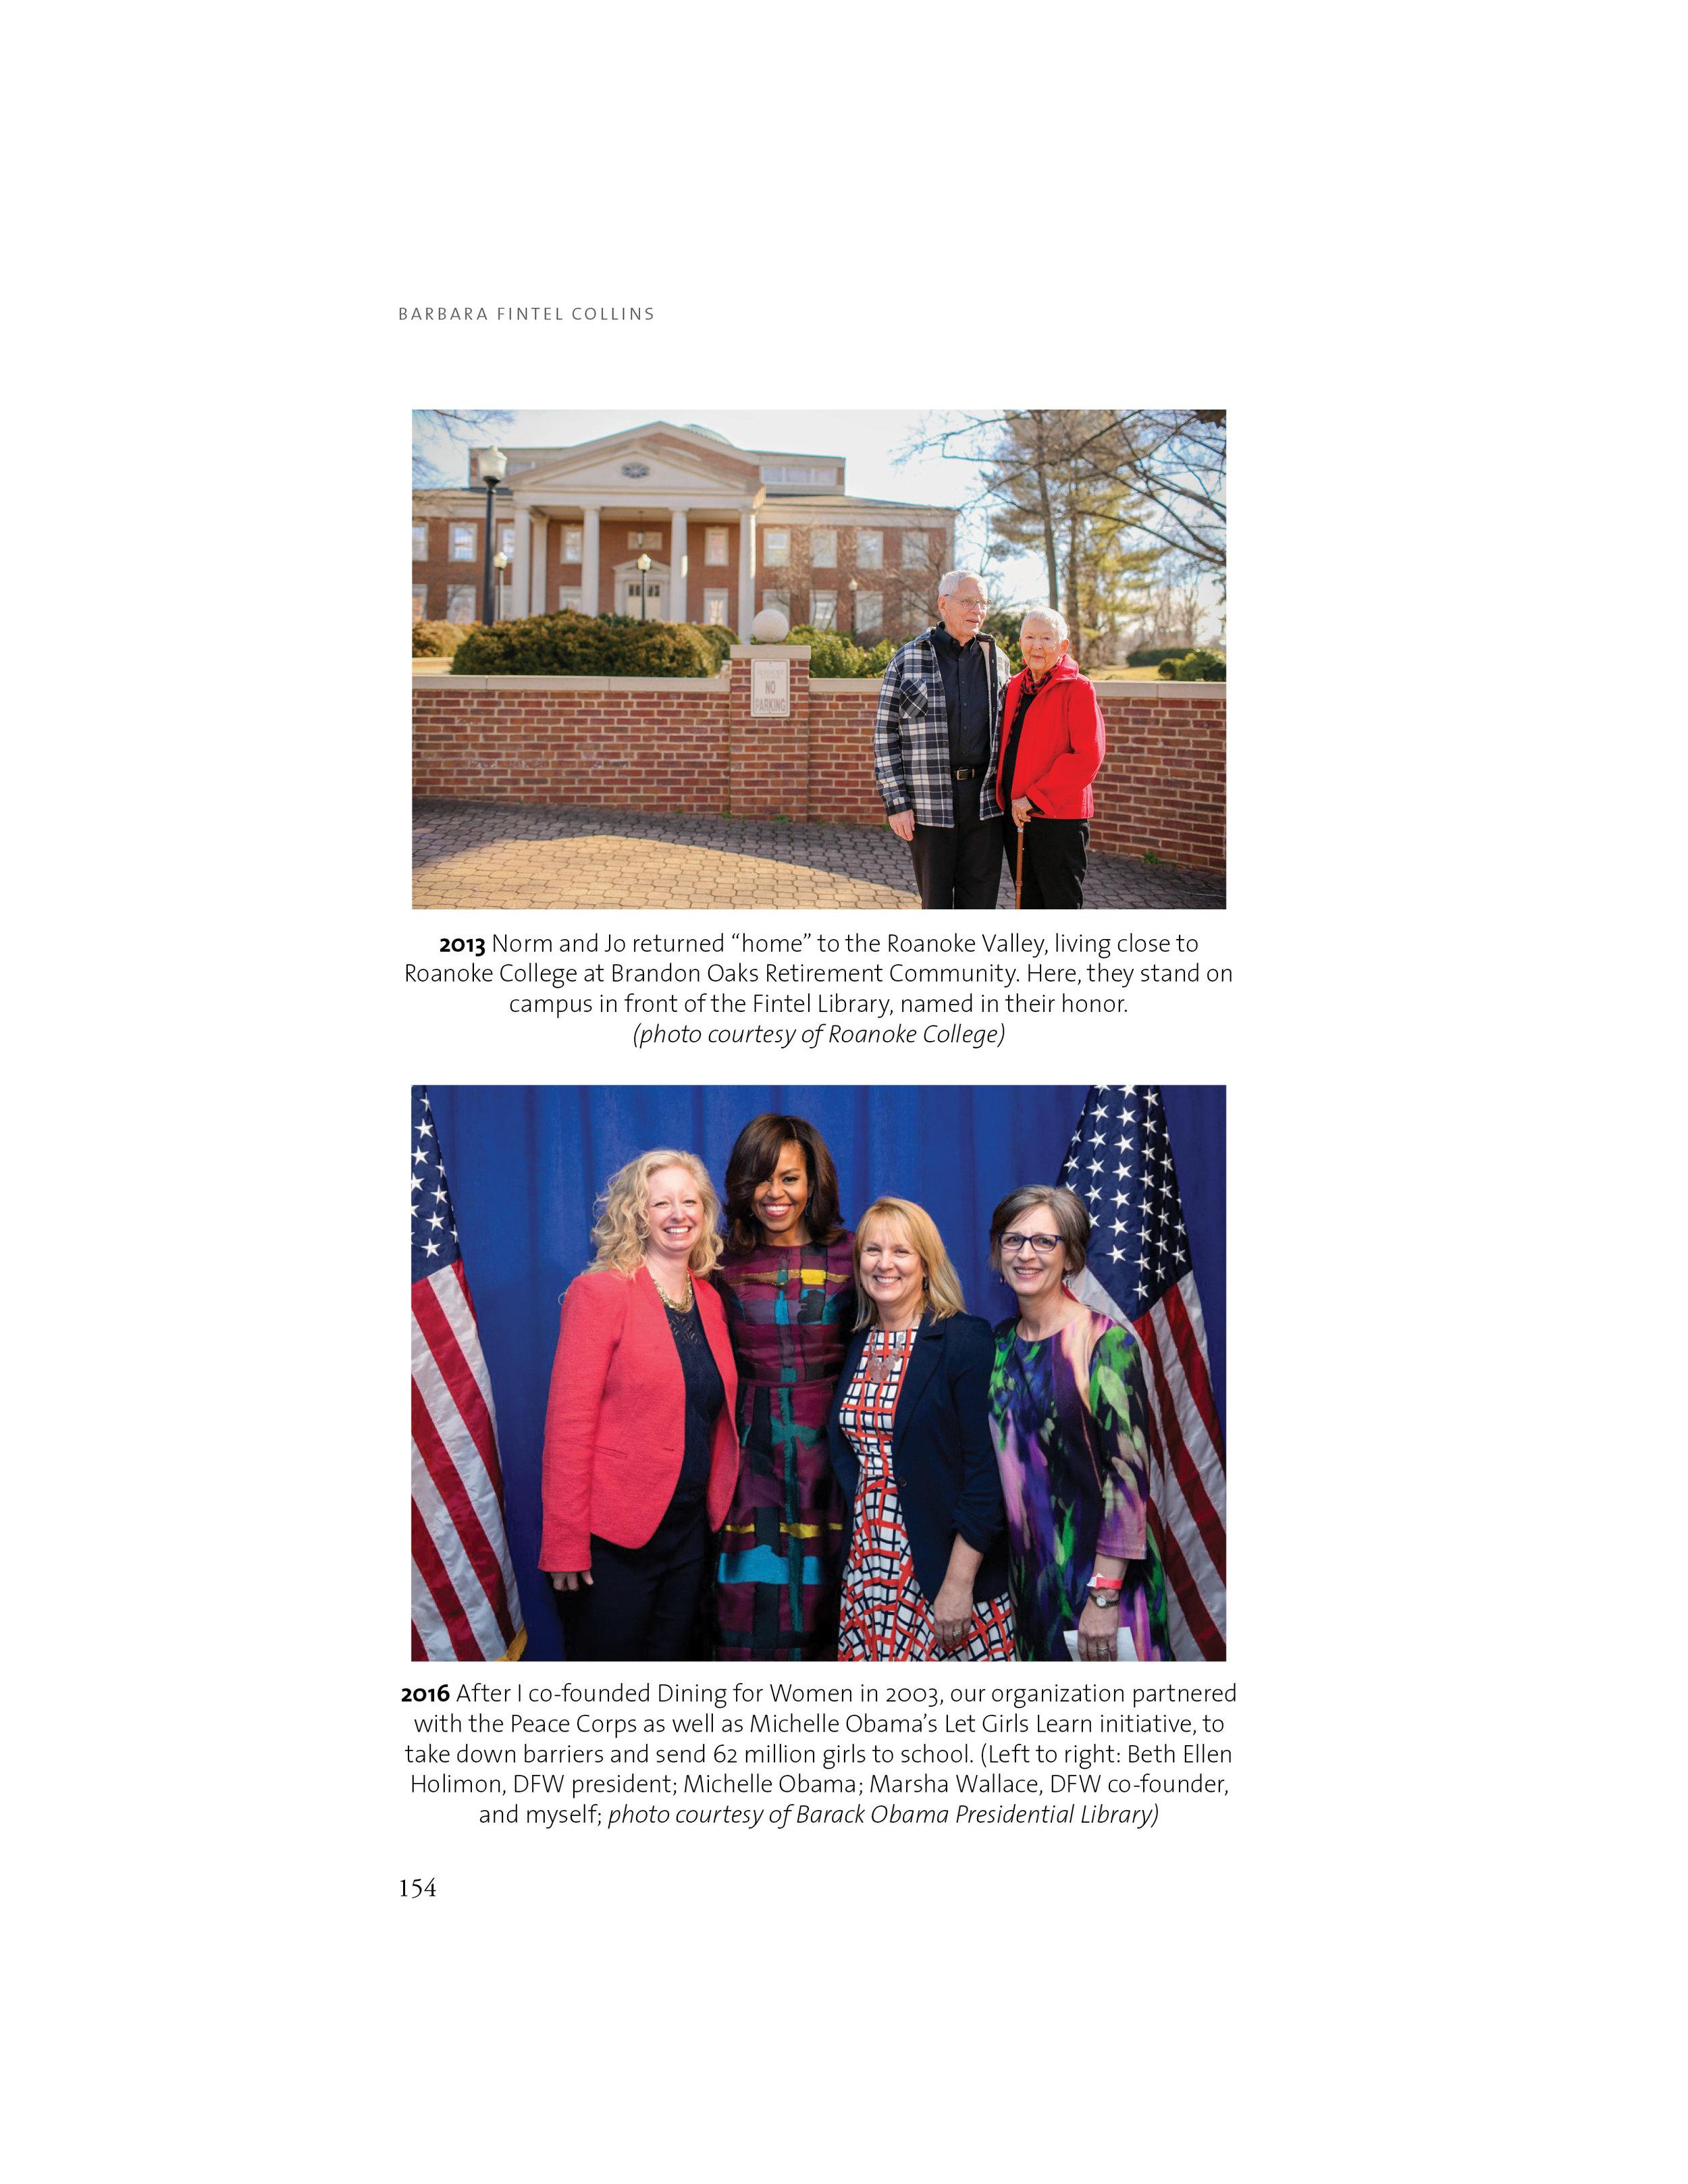 Page_for_Website_Photo_Timeline_Obama_Image.jpg